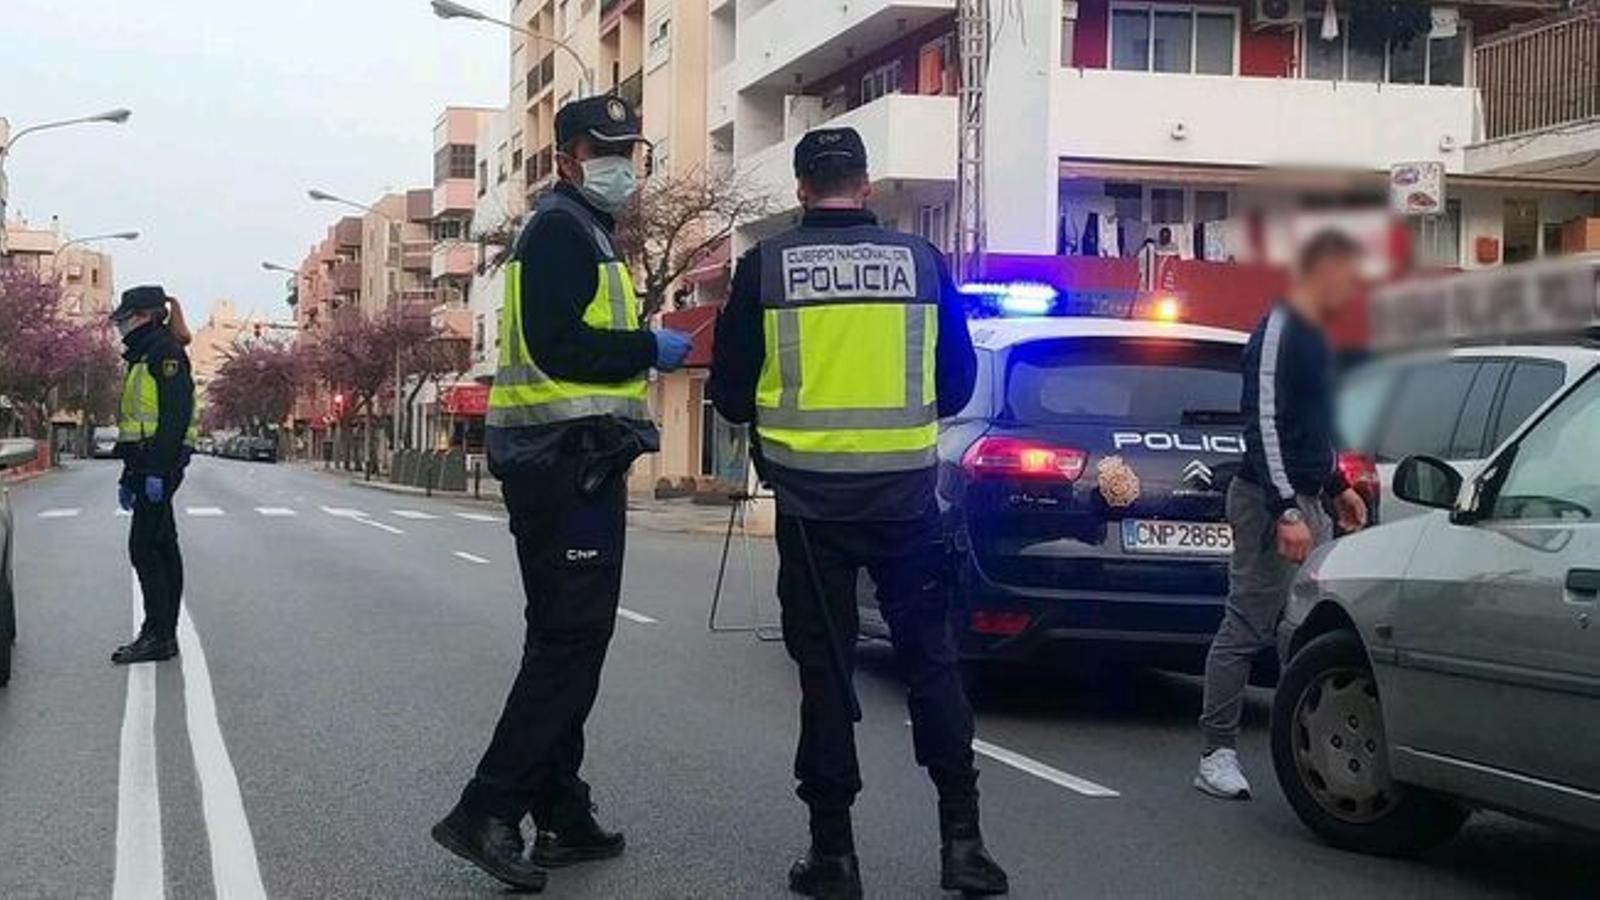 Detencions a les Balears durant el confinament. / DELEGACIÓ DEL GOVERN